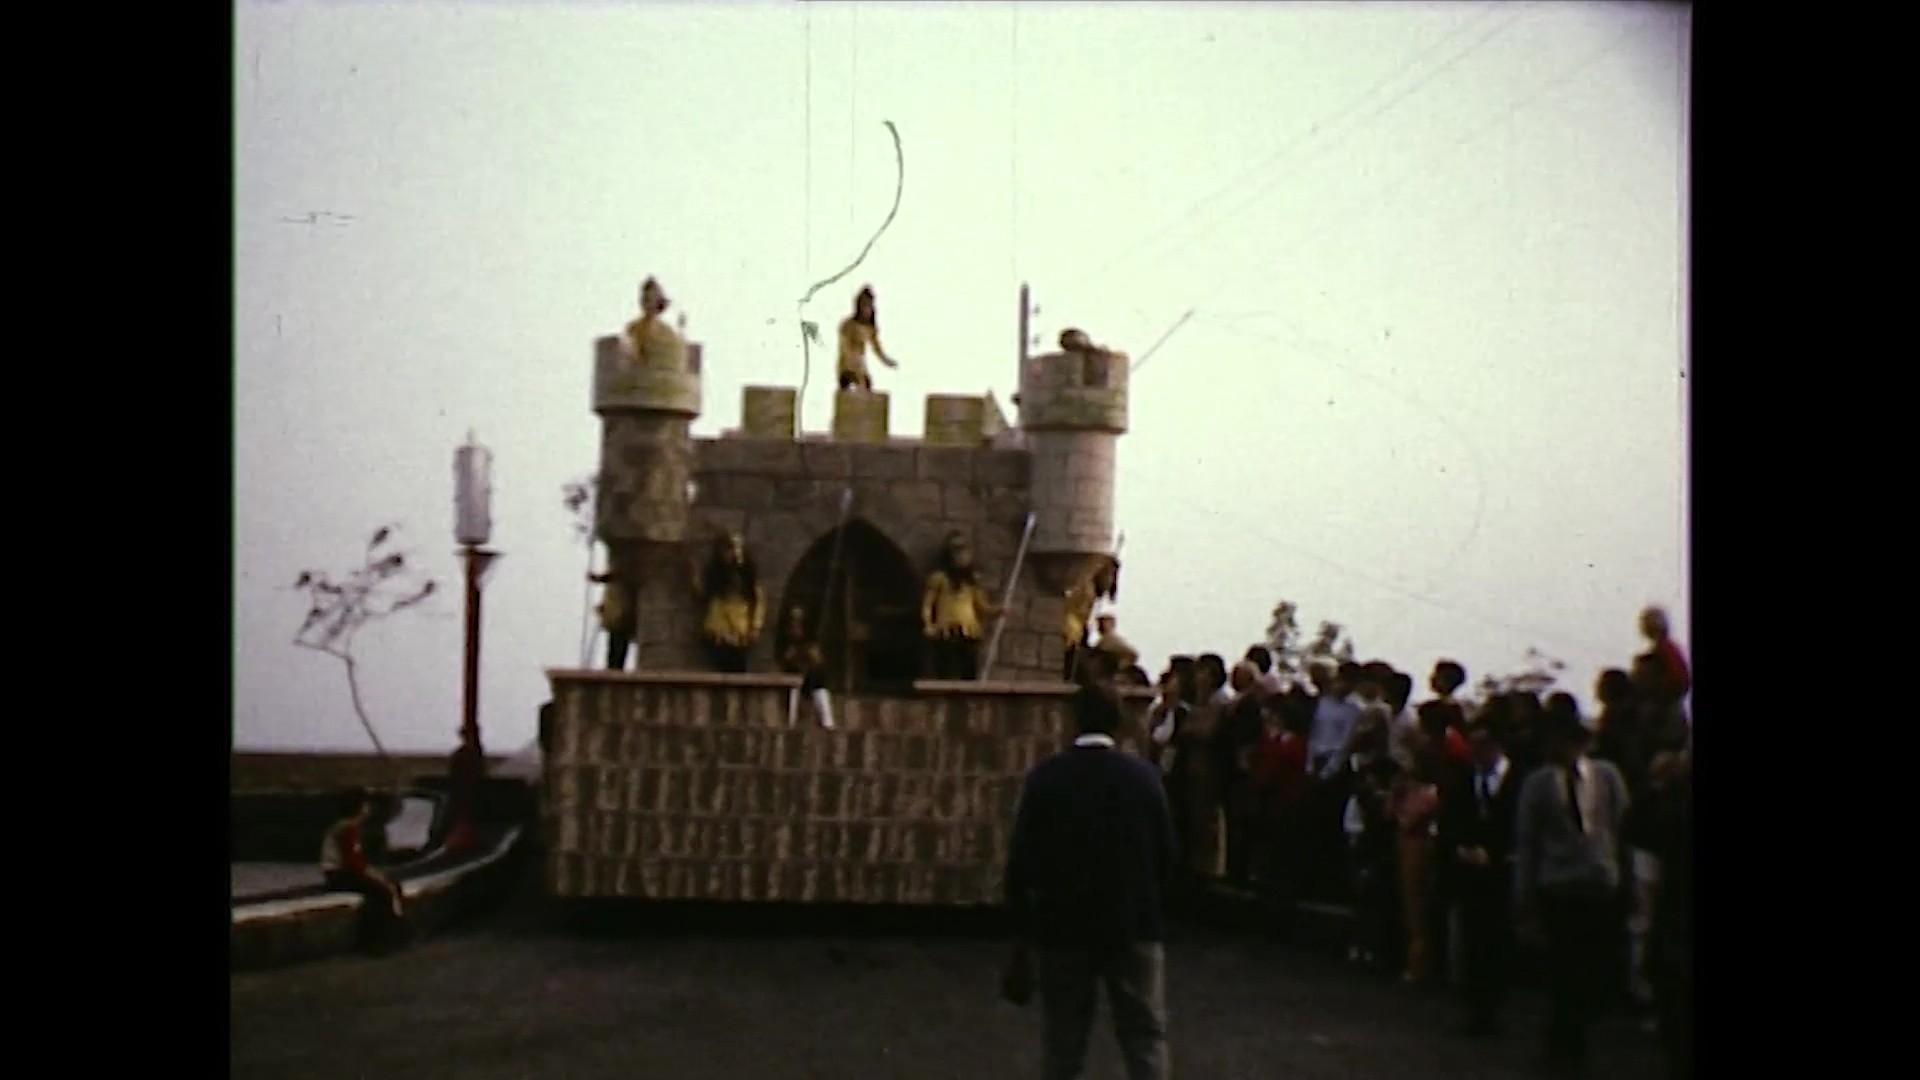 Coso del carnaval de Arrecife (c. 1975)